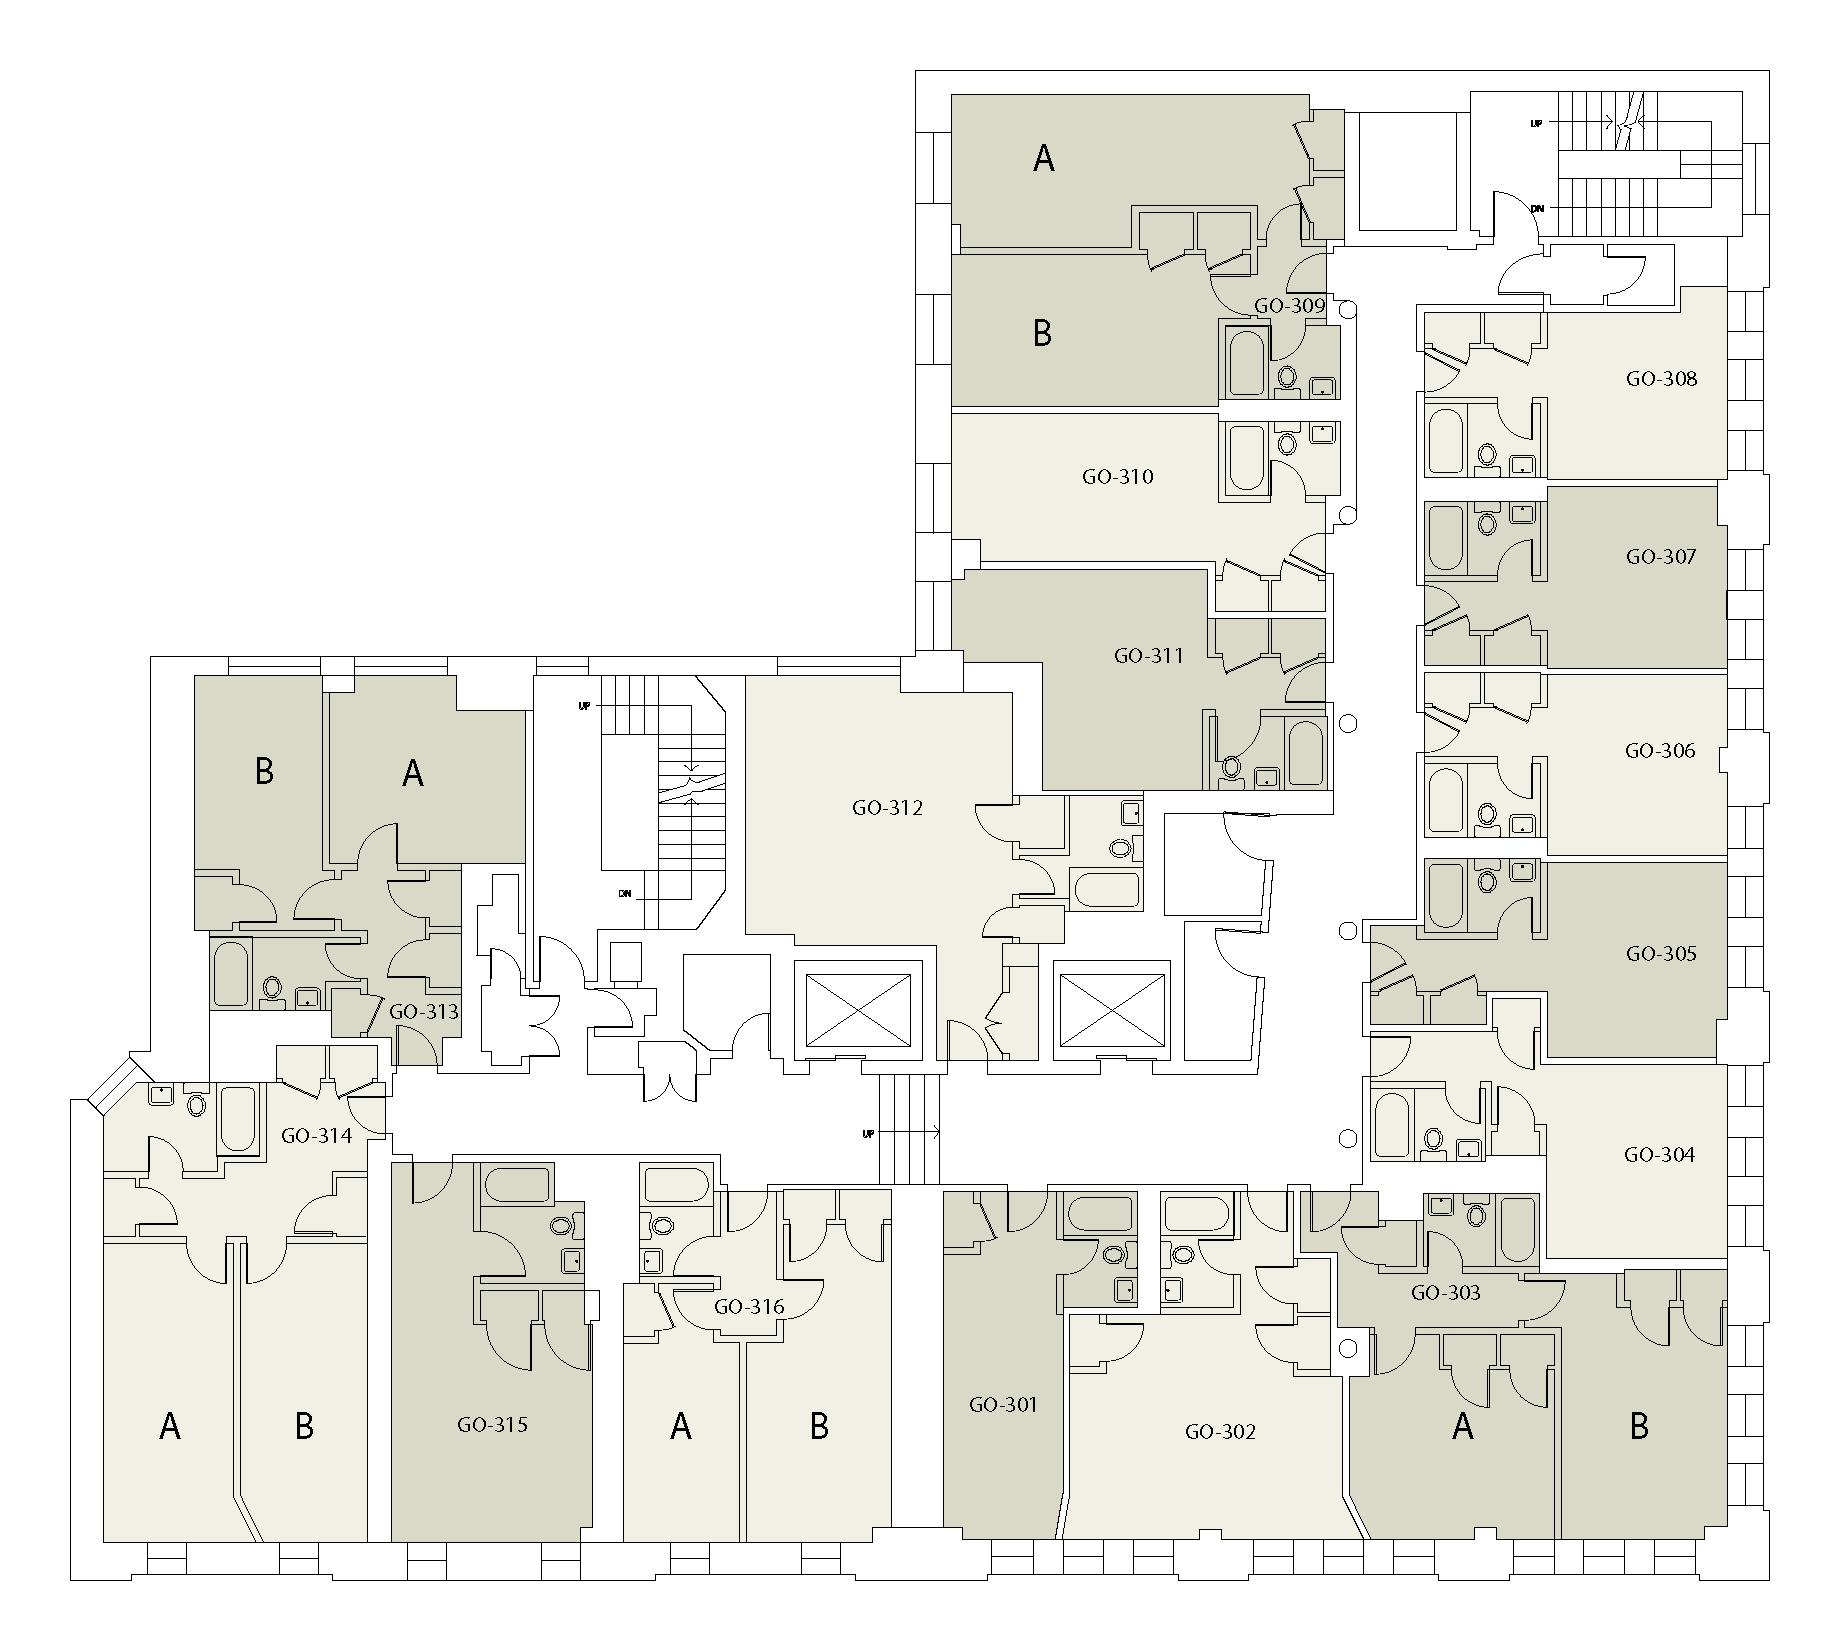 Floor plan for Goddard Floor 03